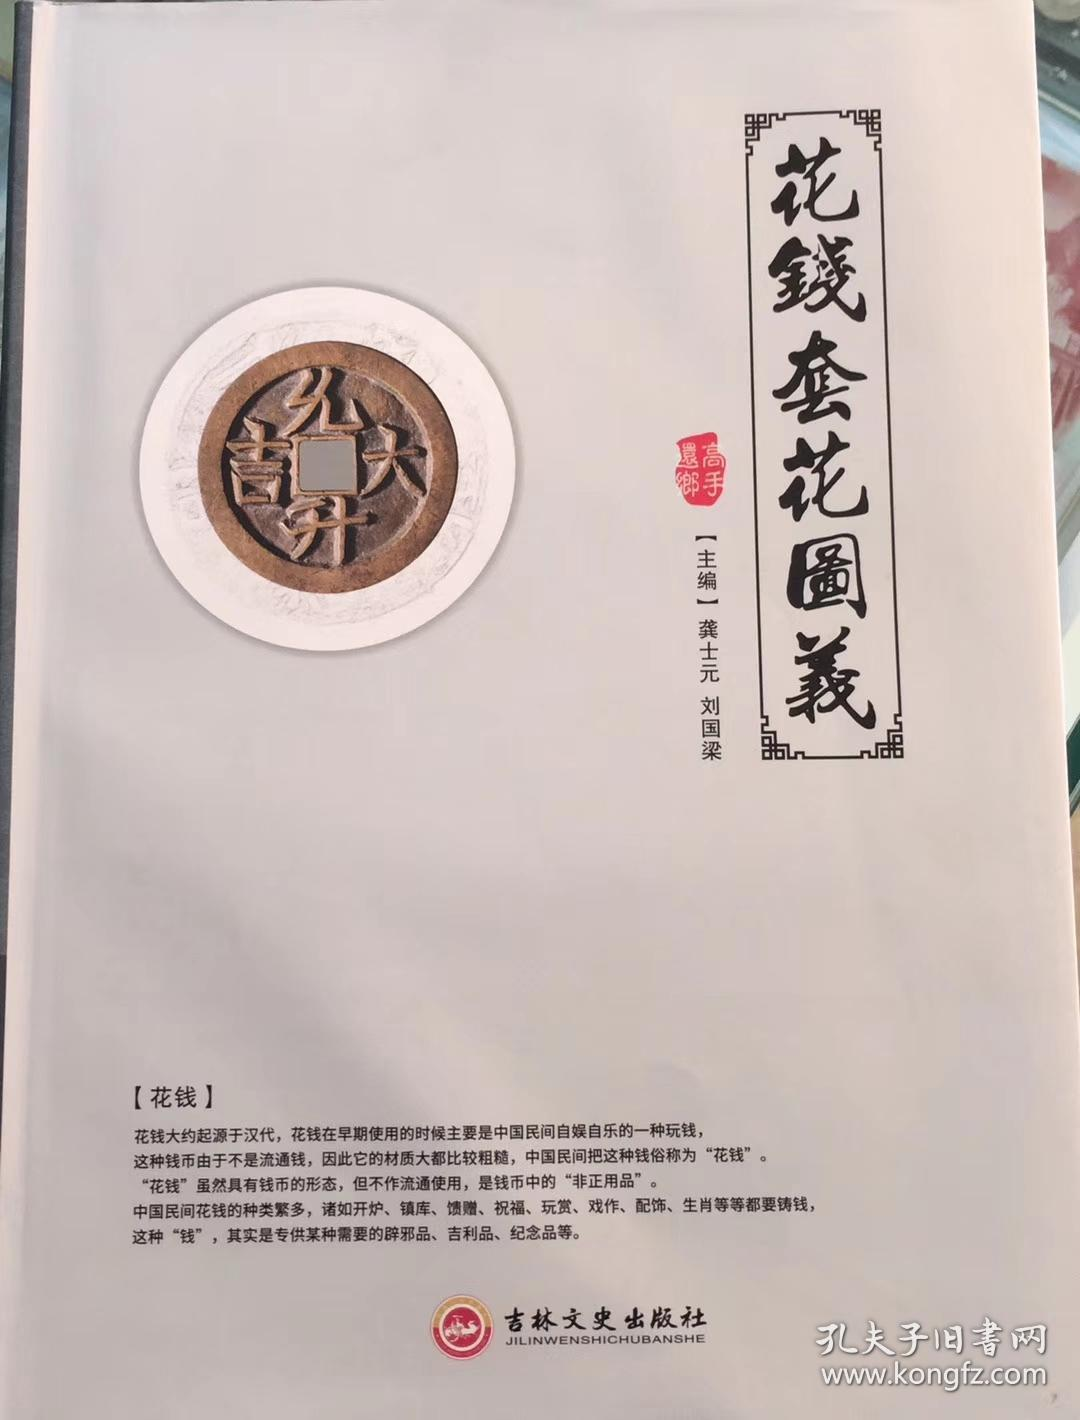 花钱套花图义 签名钤印 龚士元 刘国栋  另推中国花钱图集